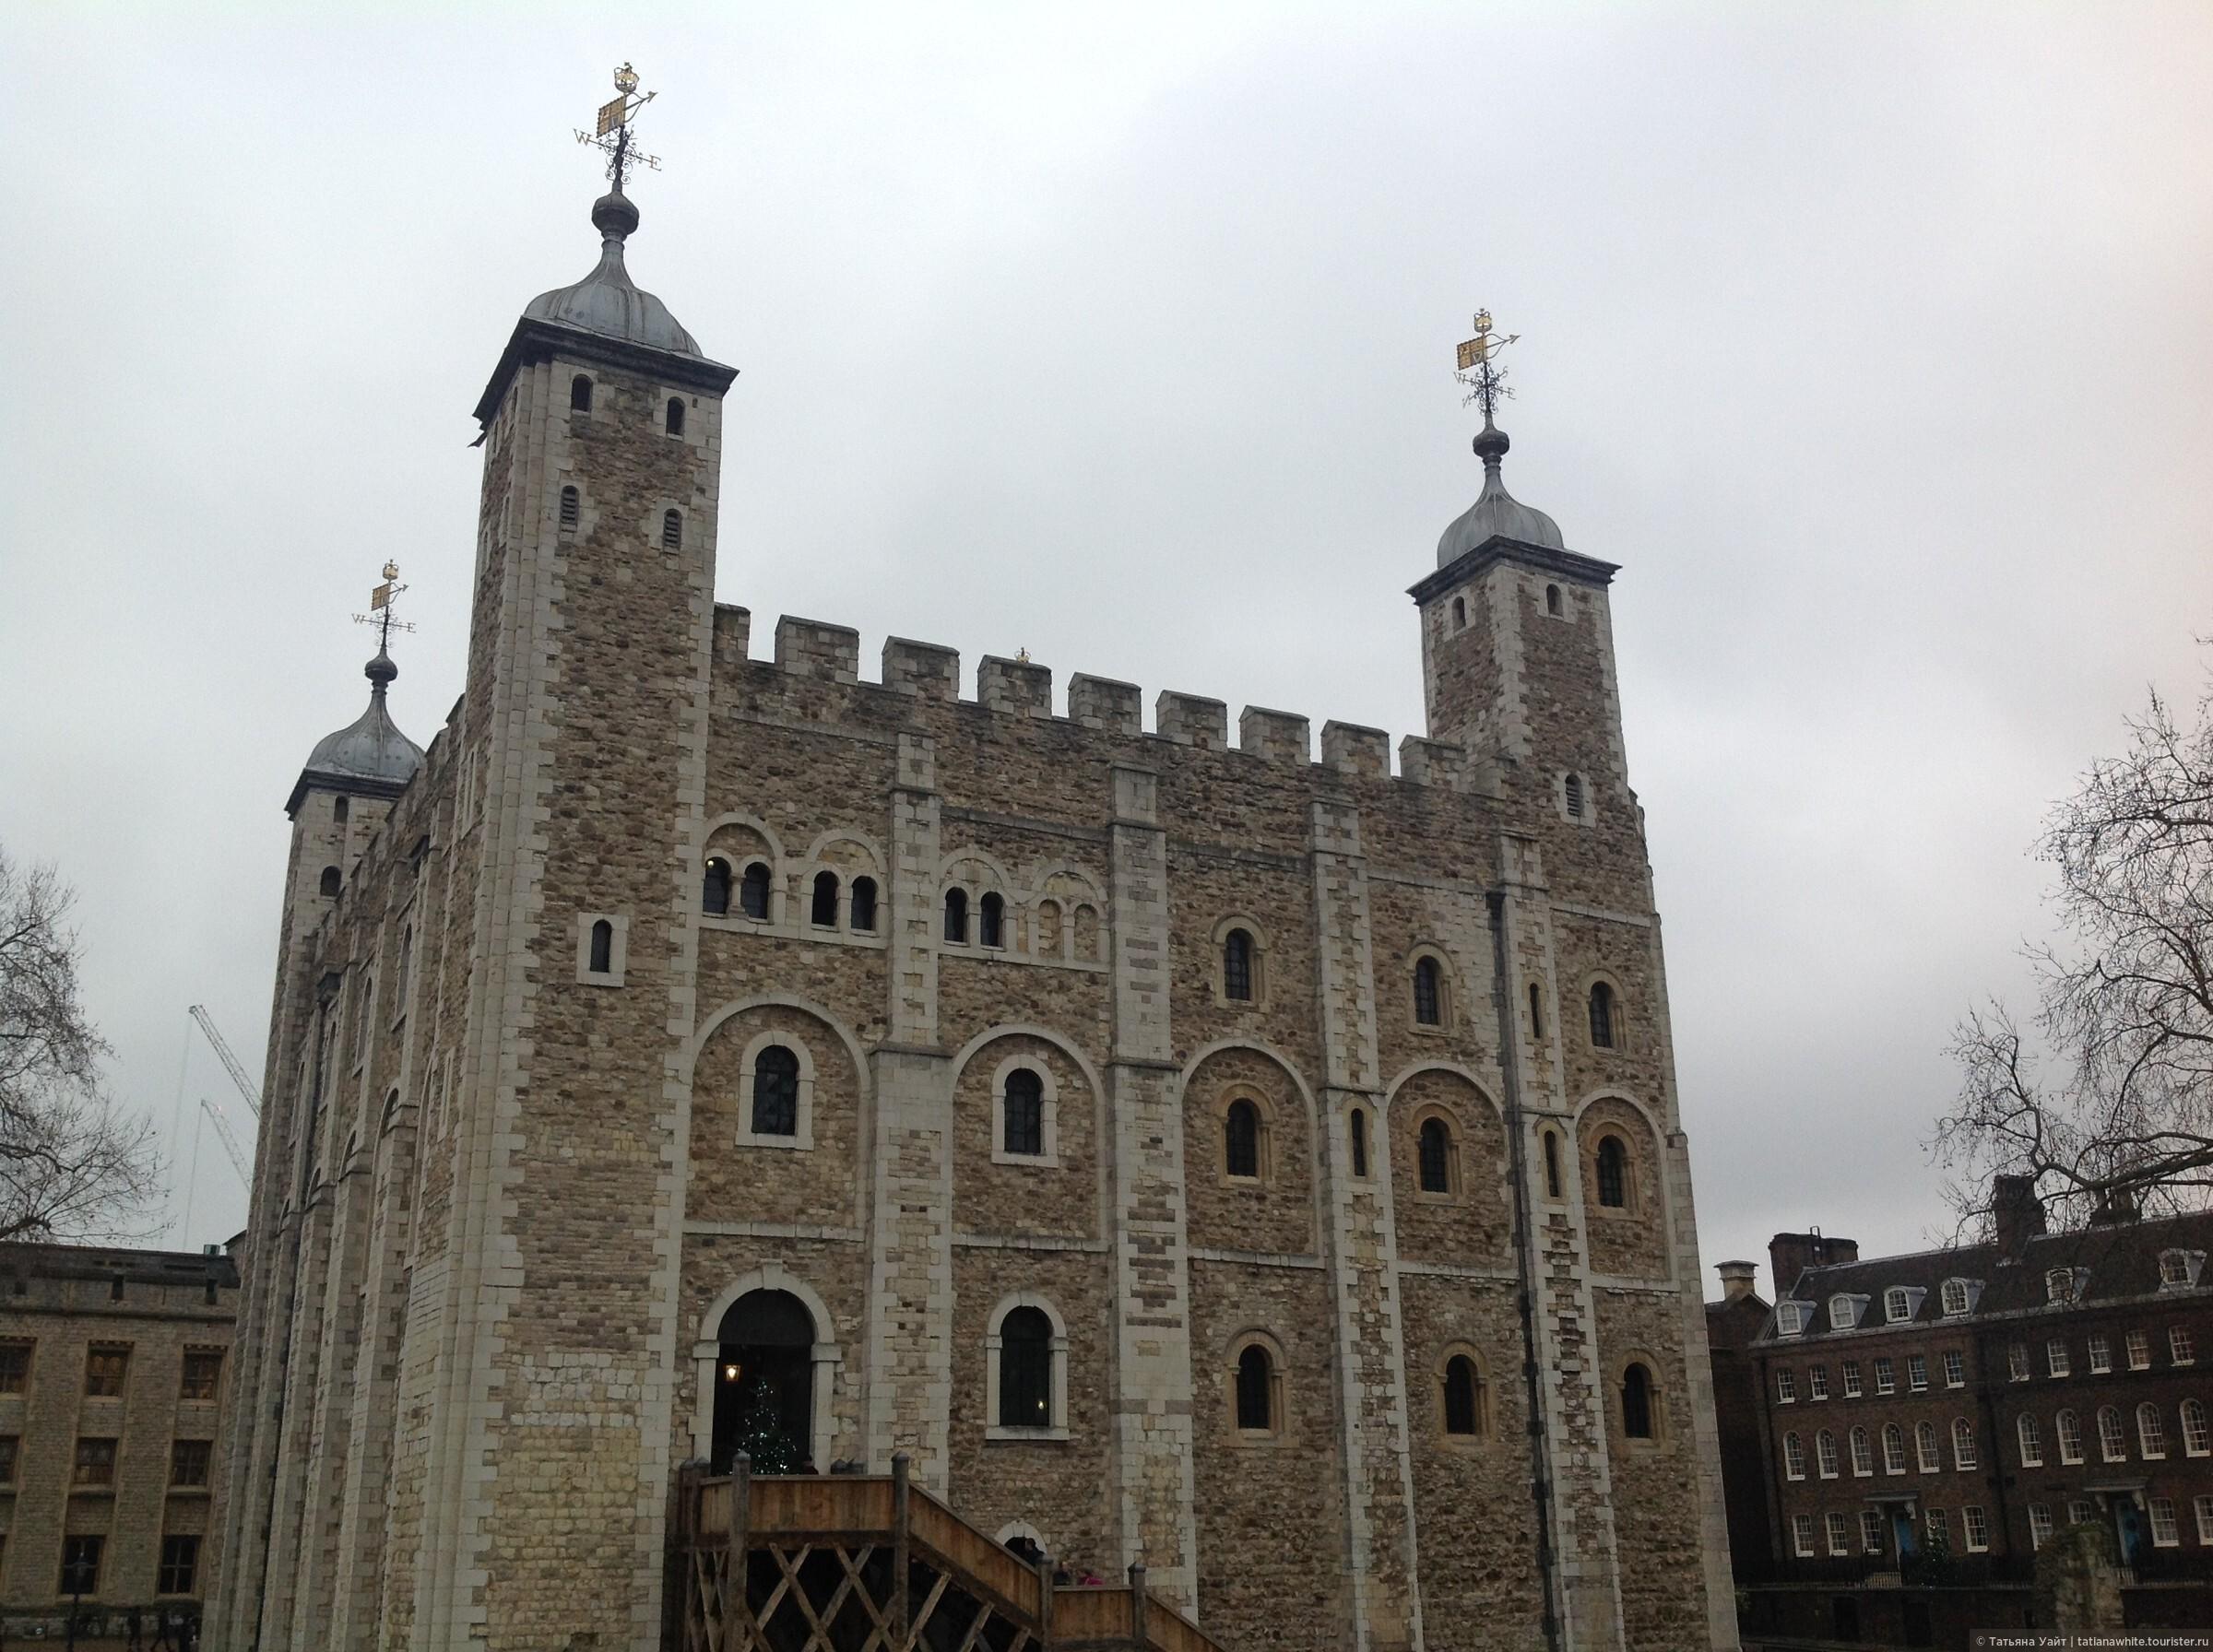 Лондонский тауэр — история, легенда «если птицы покинут тауэр», стража, башни замка — плейсмент